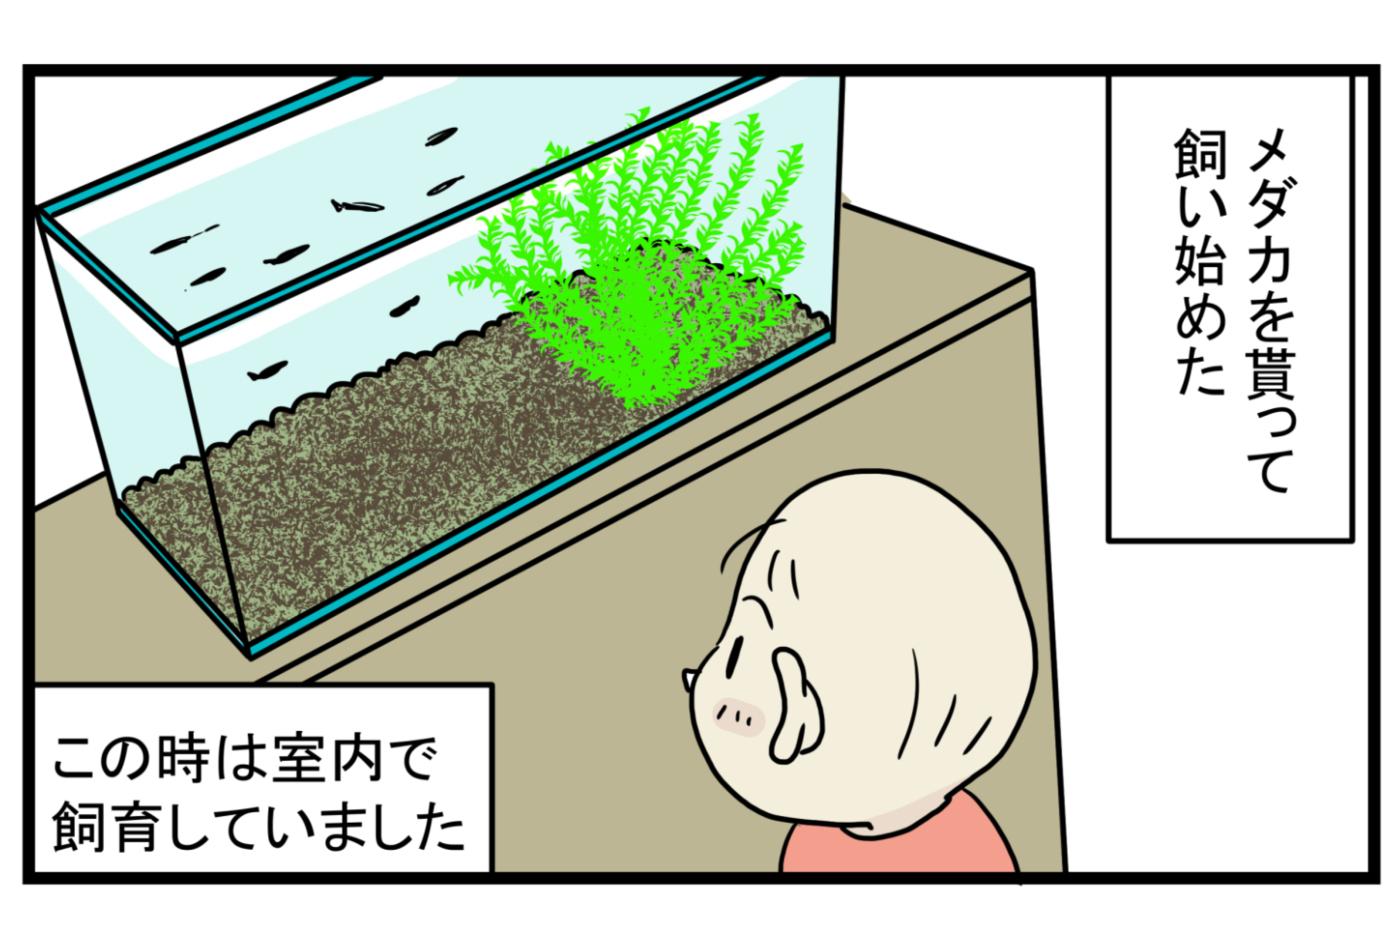 少し悲しい思い出…メダカが減っていく原因は「アノ生き物」にあった!